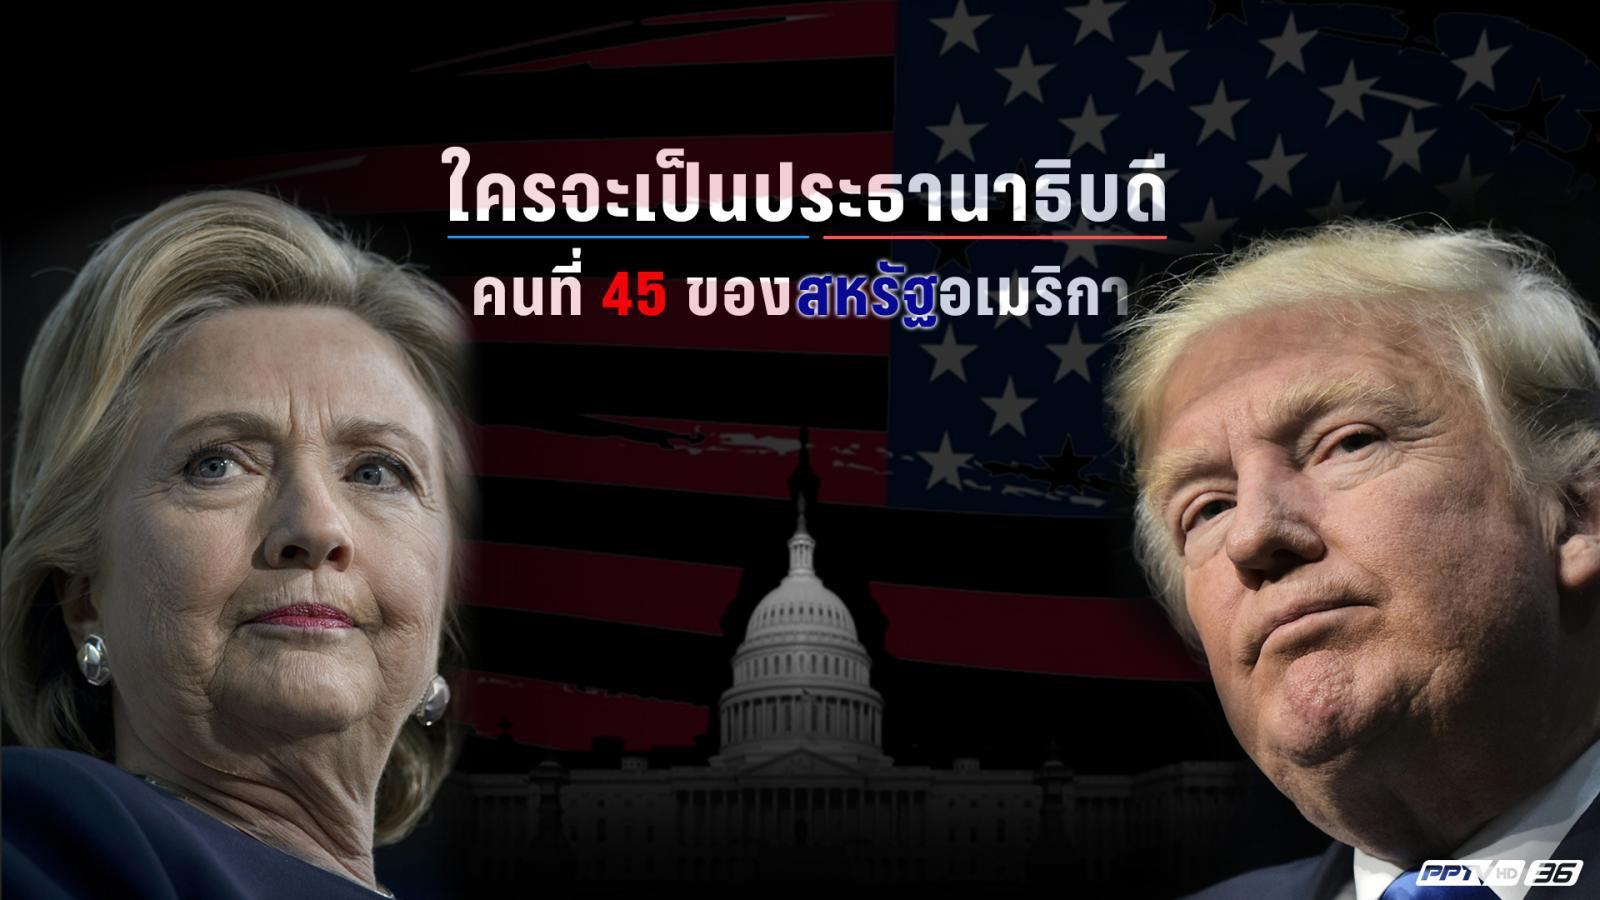 ใครจะเป็นประธานาธิบดีคนที่ 45 ของสหรัฐอเมริกา (คลิป)